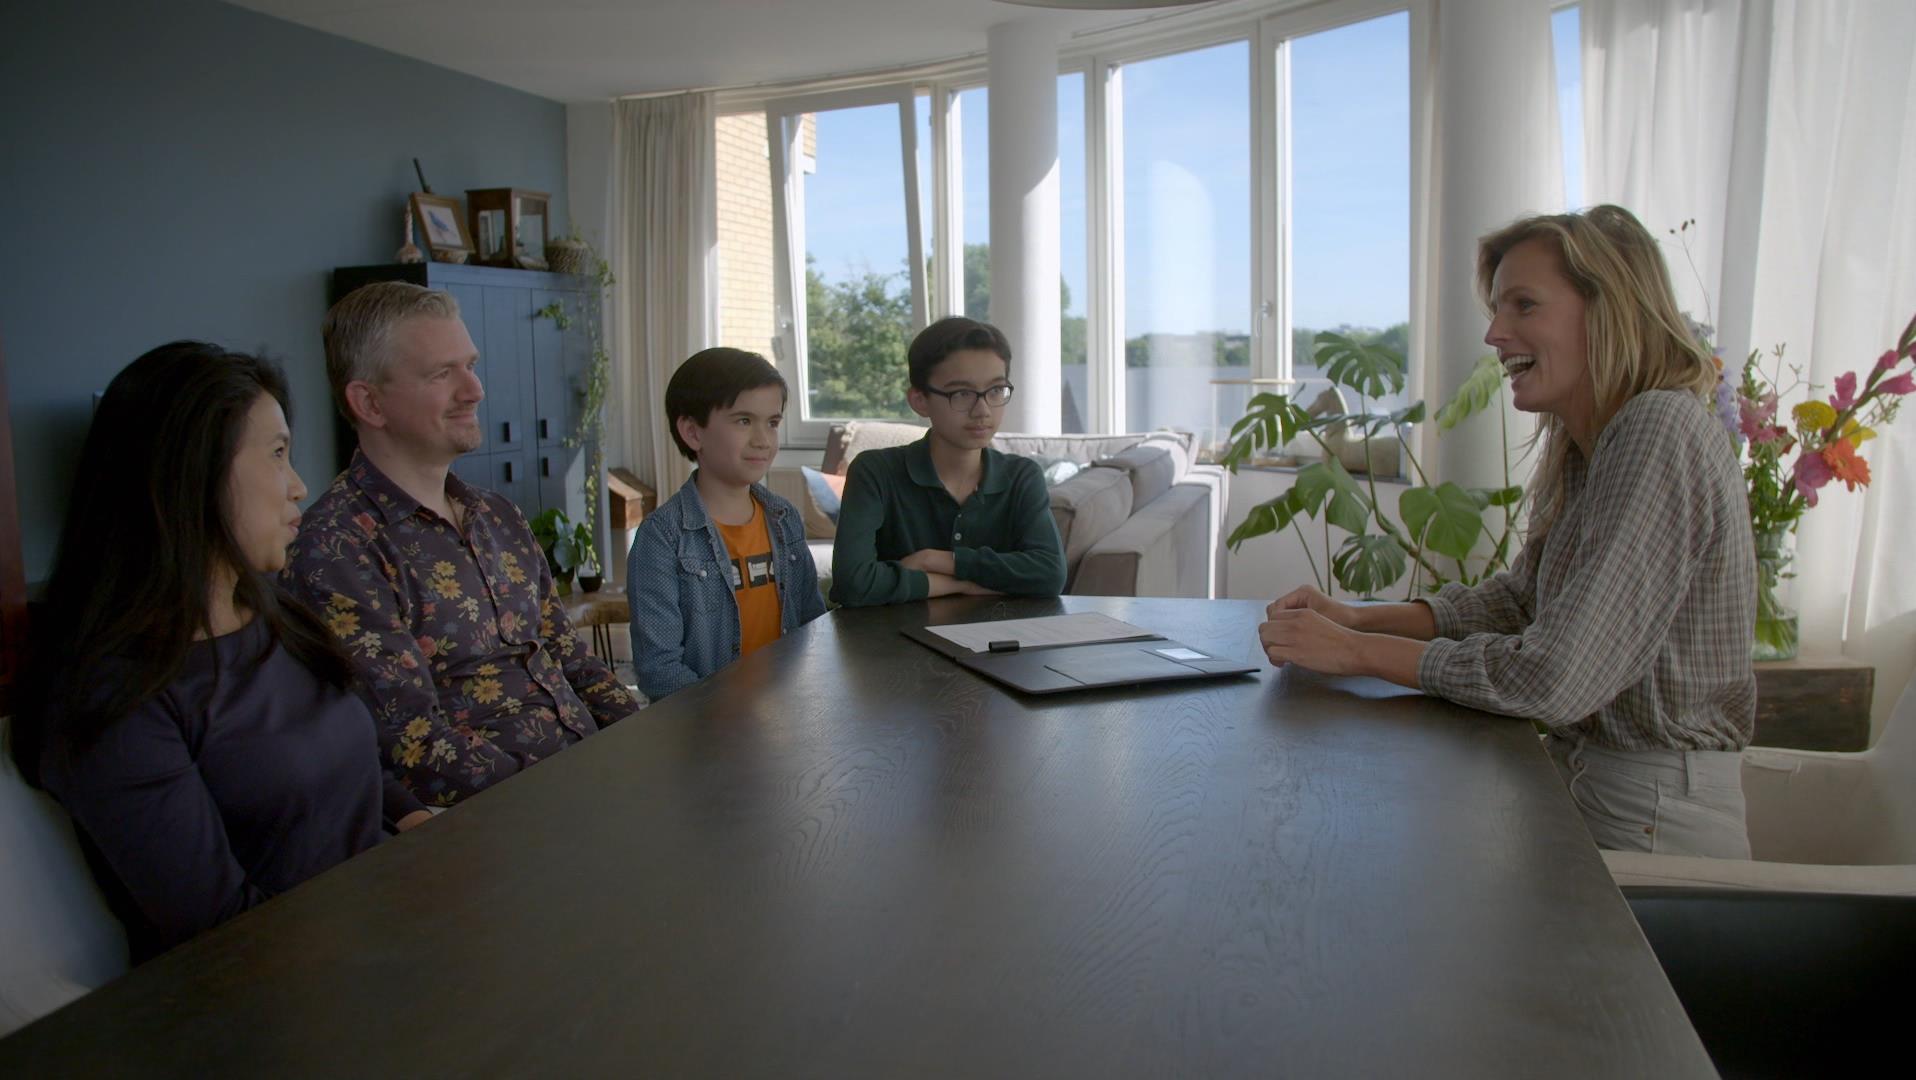 Aflevering 6 - Kinderen kopen een huis